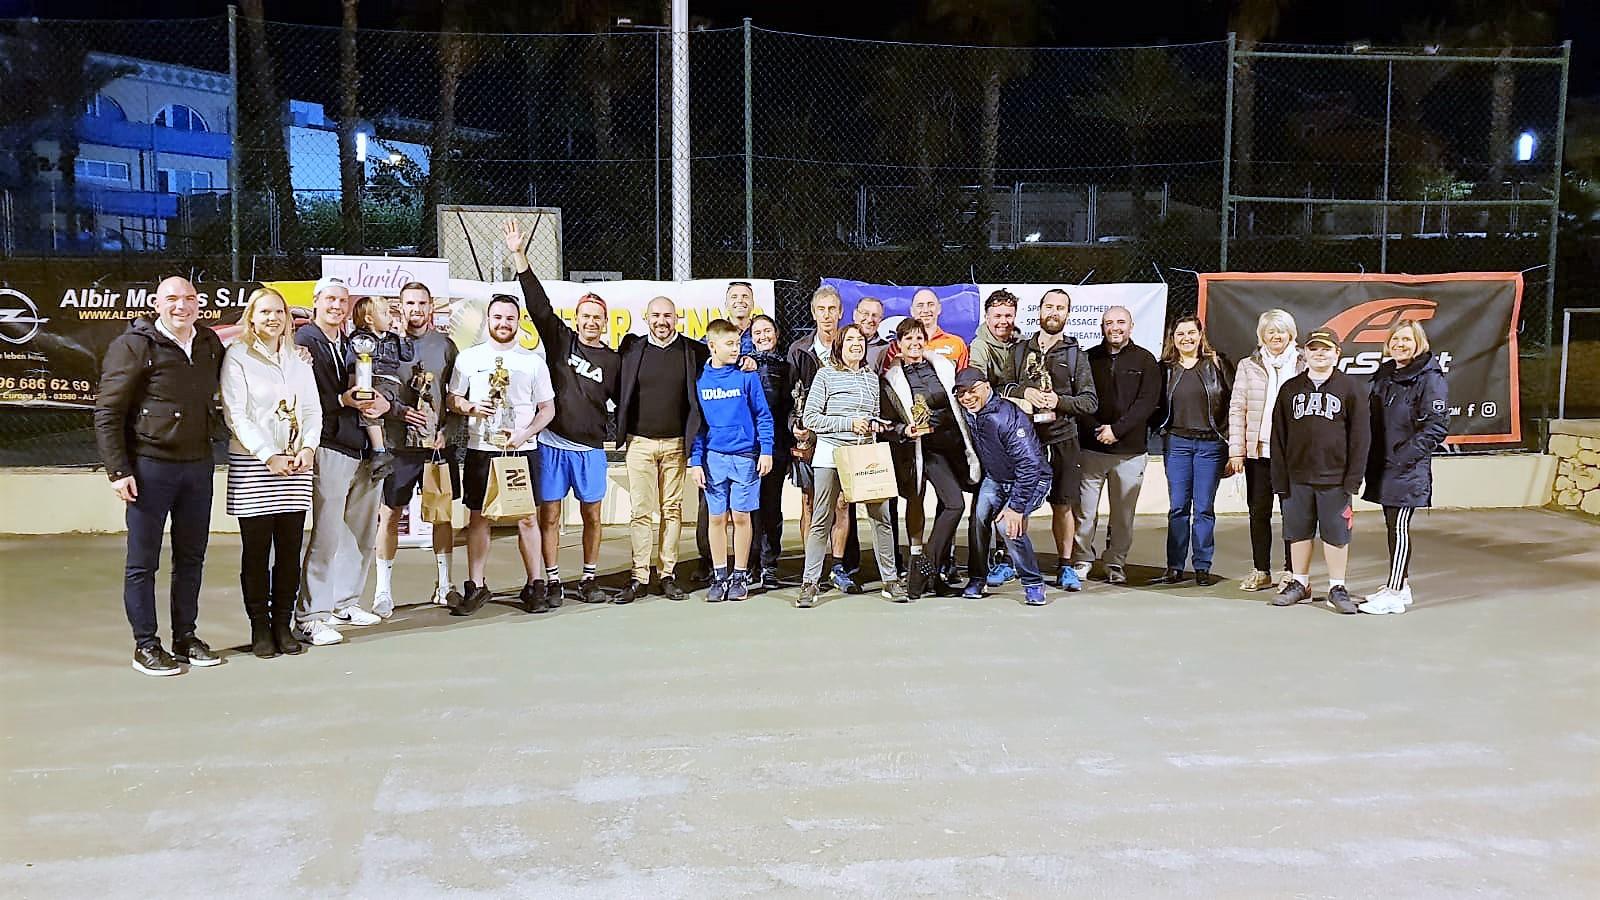 Este fin de semana se jugó el torneo de dobles mixto de tenis se aplazó al 24 y 25 de noviembre por el mal tiempo.